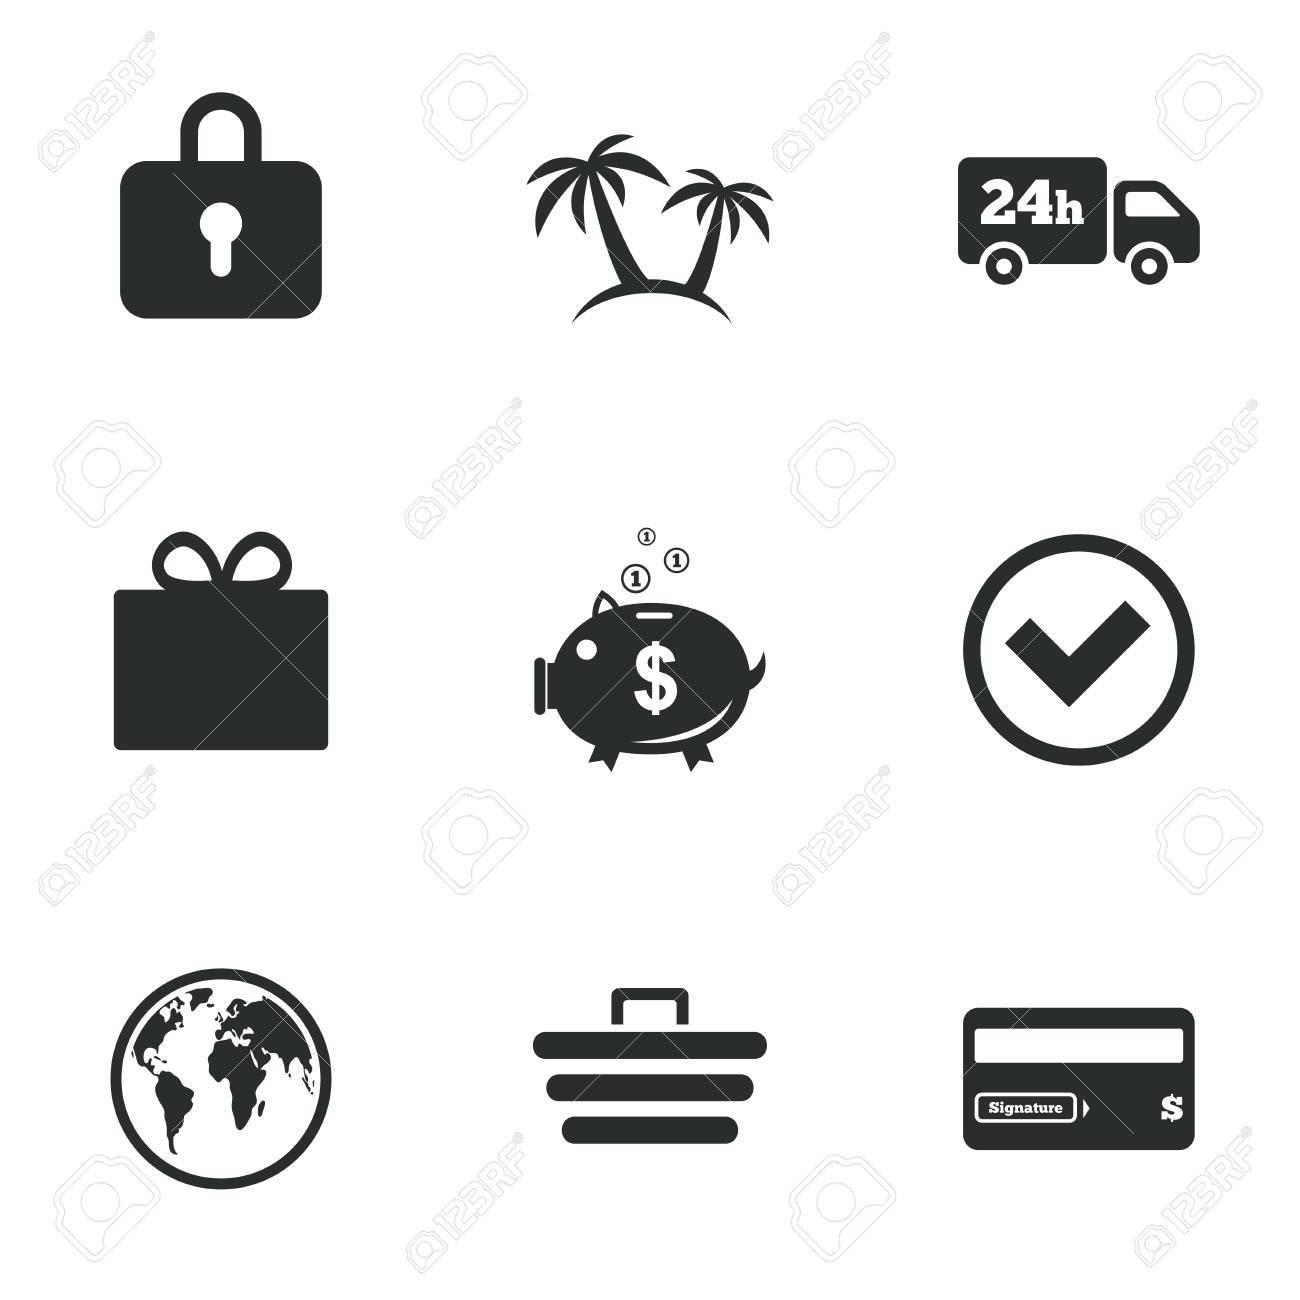 Carte Cado E Commerce.Achat En Ligne E Commerce Et Affaires Icones Carte De Credit Boite Cadeau Et Des Signes De Protection Tirelire Livraison Et Tiques Symboles